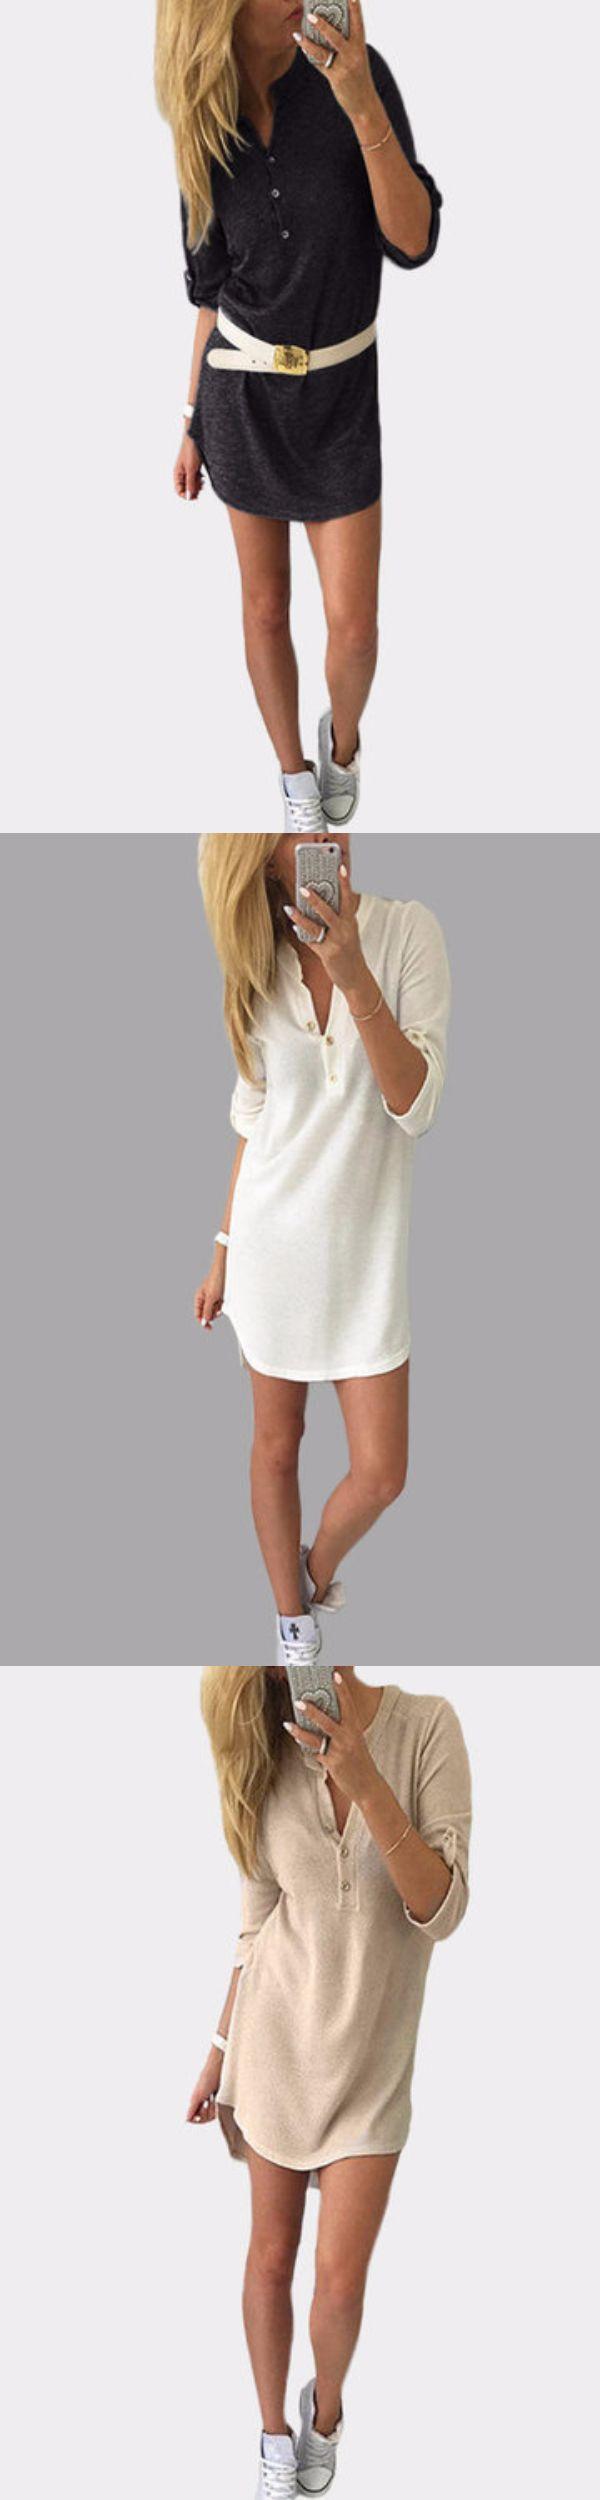 Белое платье с длинными рукавами с длинными рукавами 1 076 руб. В этом сезоне работайте над этой замечательной мини-одеждой. Он украшен длинными рукавами и дизайном кнопок. Нам это нравится спортивная обувь. - Casual style - V-образный вырез - Длинные рукава - Дизайн кнопок - Мини-длина - Обычная посадка - Ручная стирка - Ткань: 60% Хлопок, 40% Полиэстер - Содержание пакета: 1 * Платья